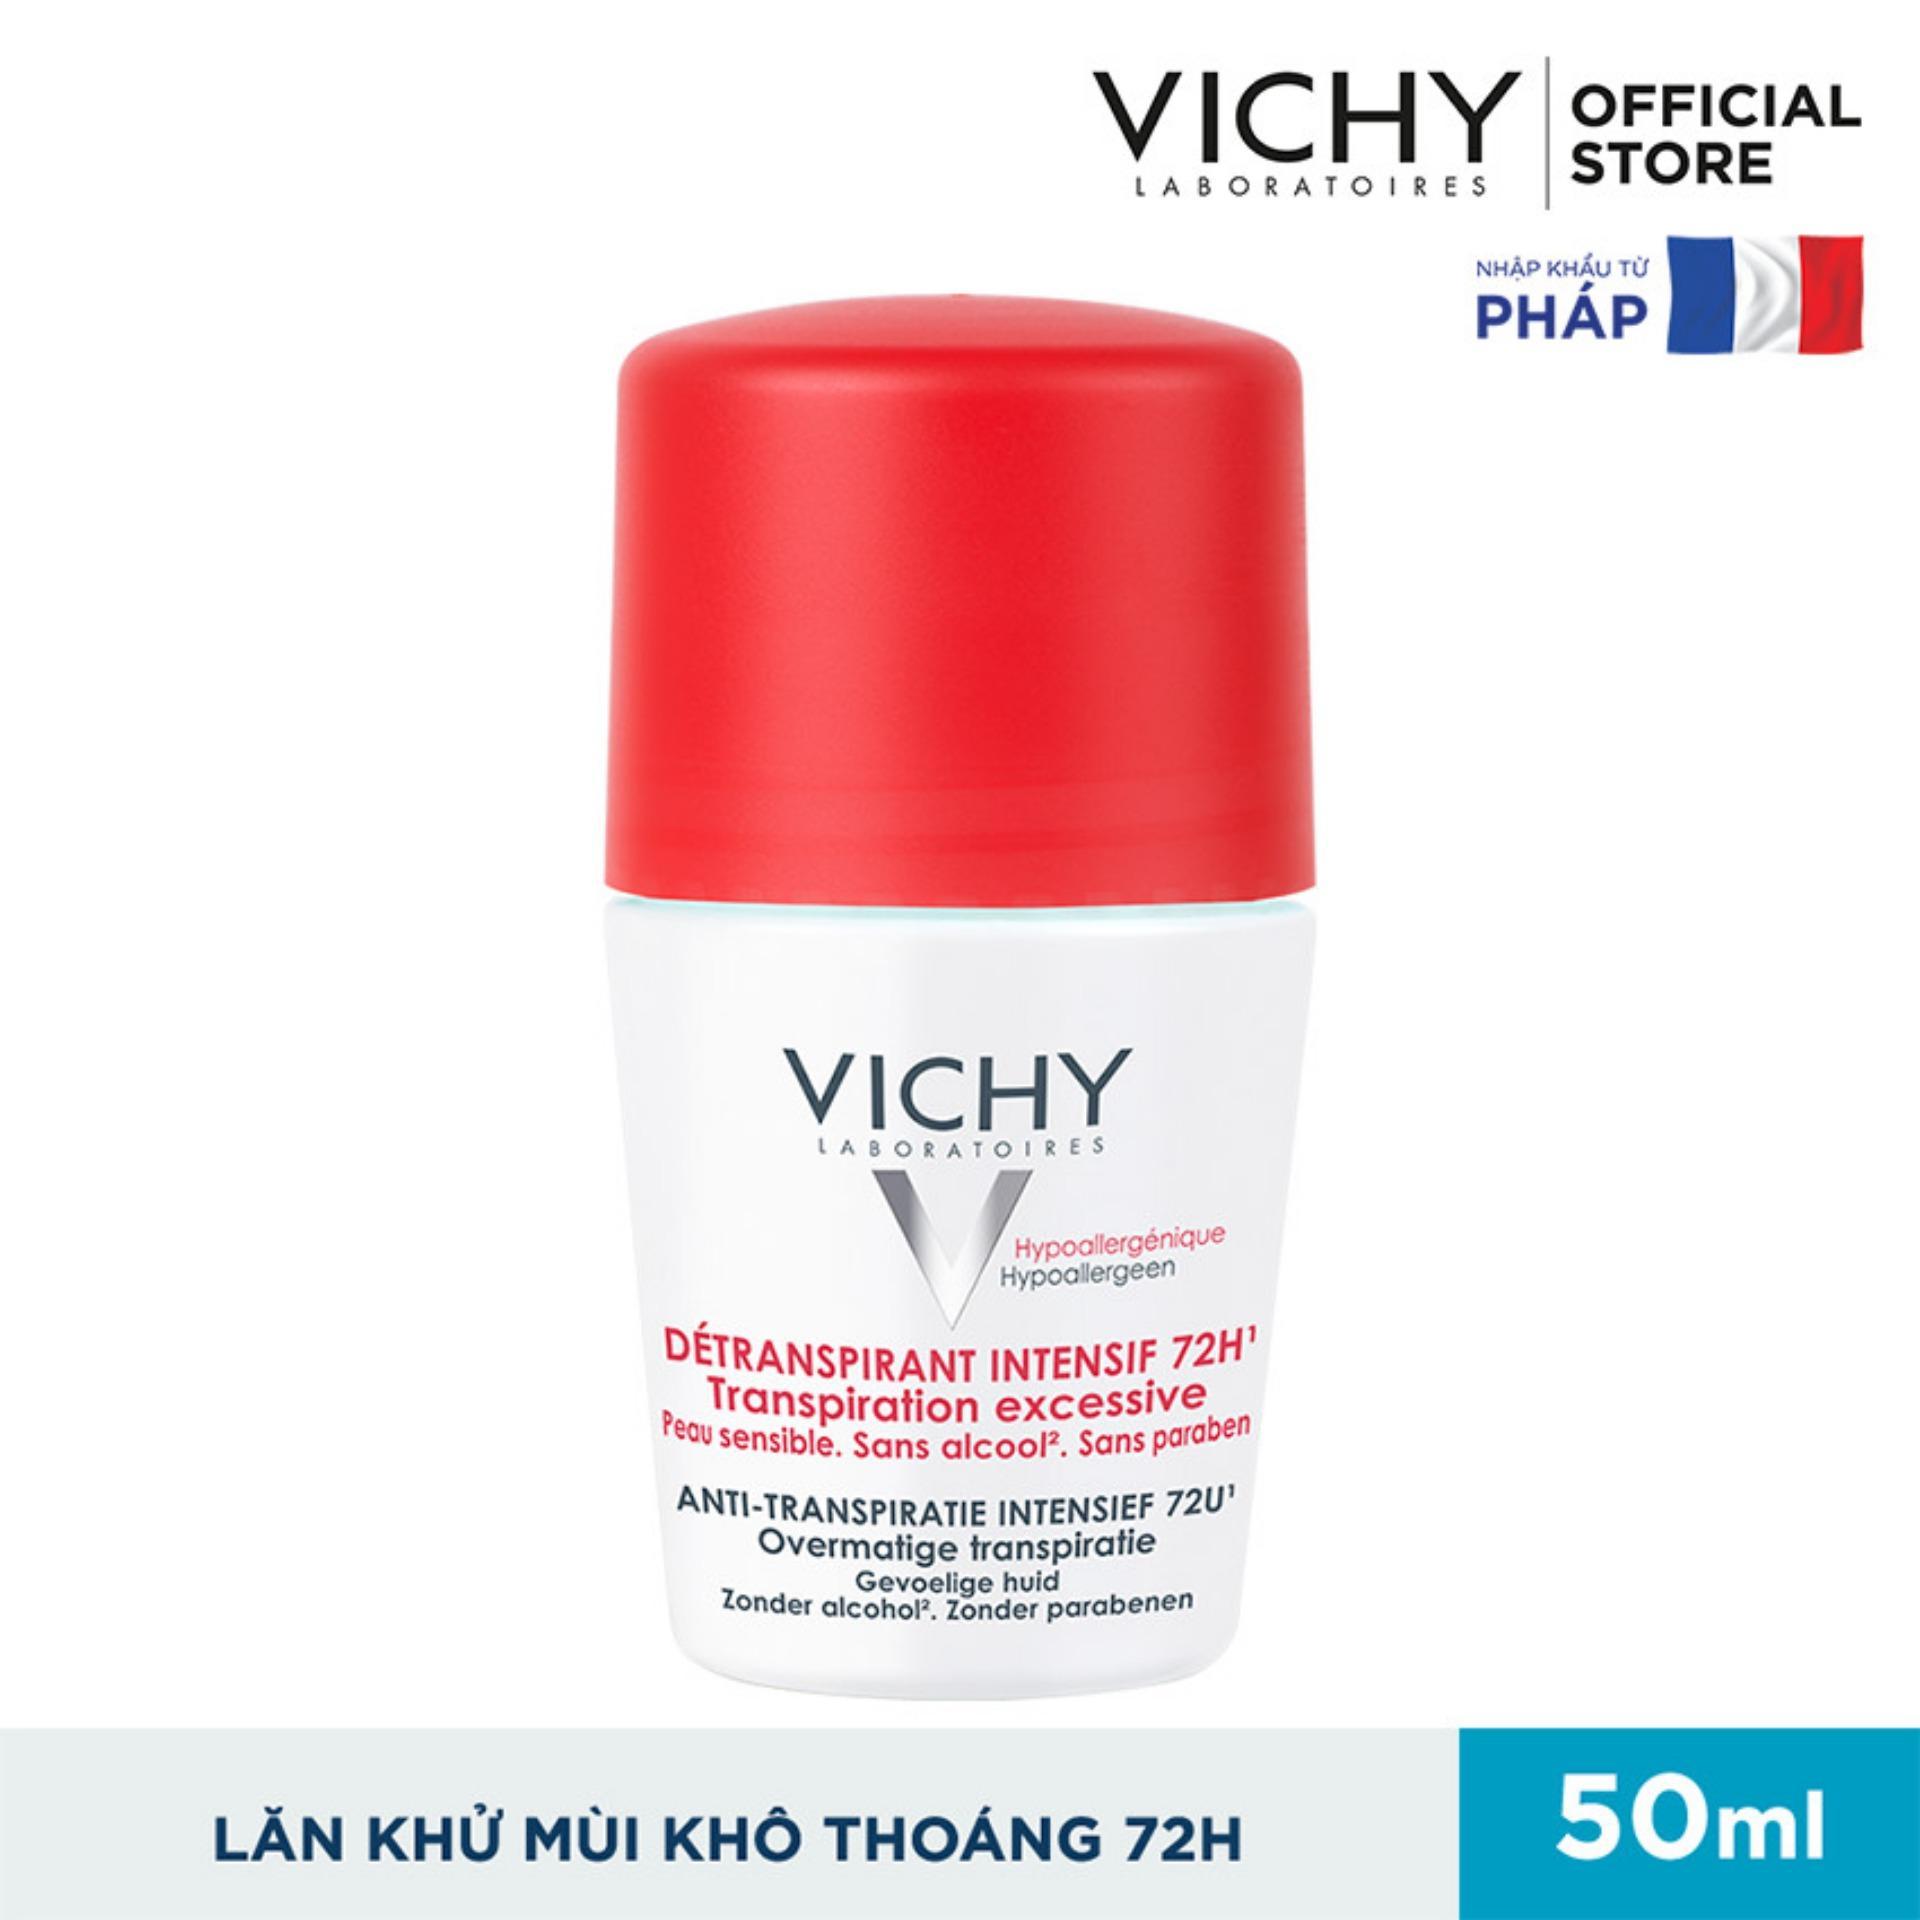 Lăn khử mùi giúp khô thoáng vùng da dưới cánh tay 72h Vichy Detransprirant Intensif 72h Transpiration Excessive 50ml nhập khẩu